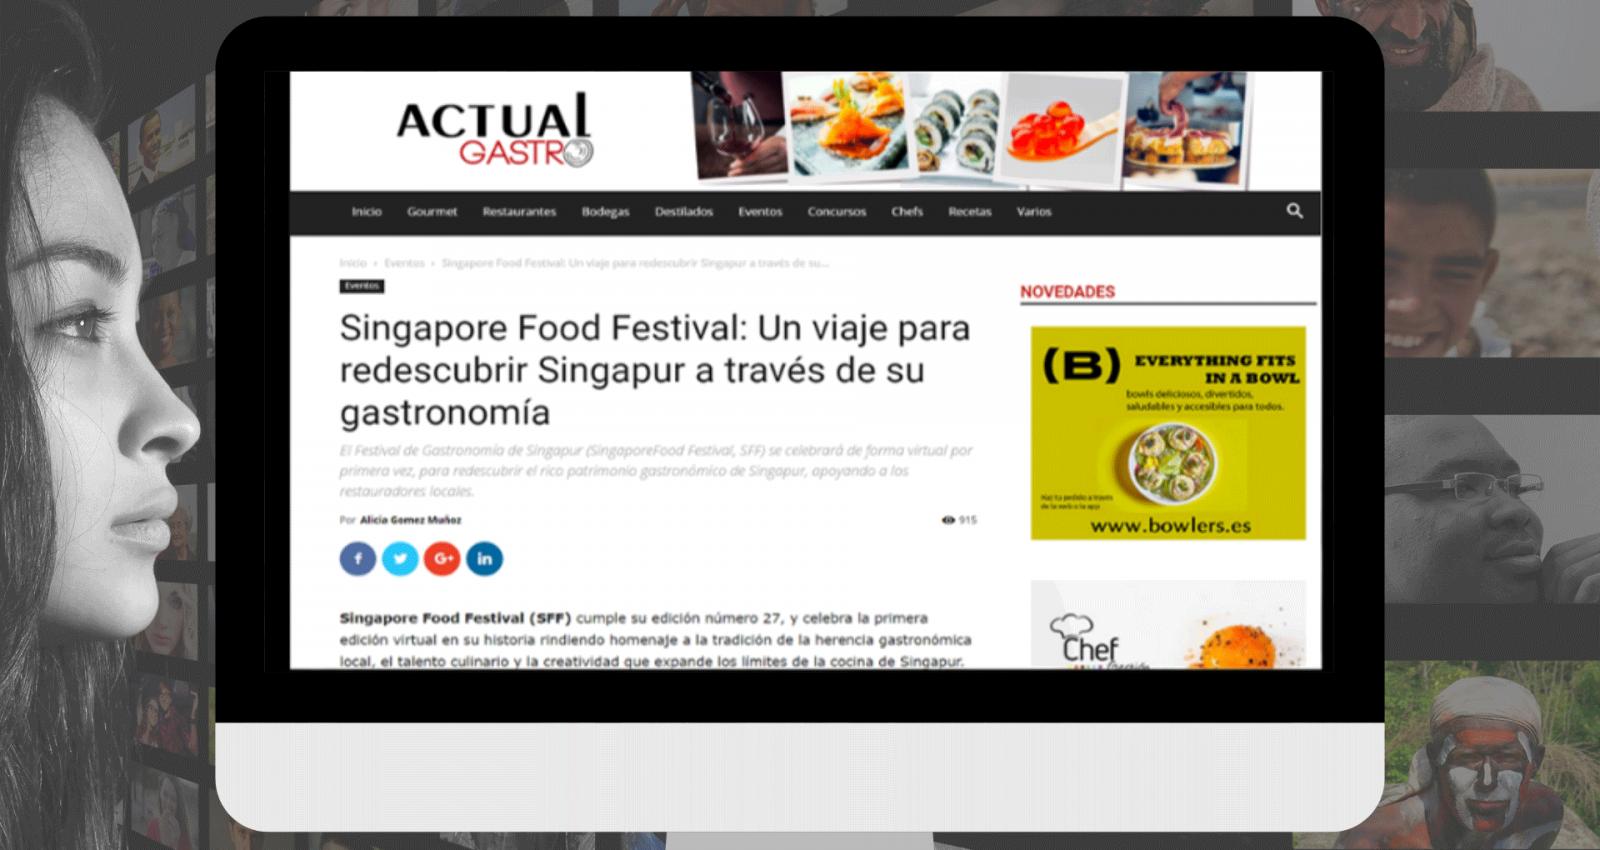 articulo-actual-gastro-singapore-food-festival